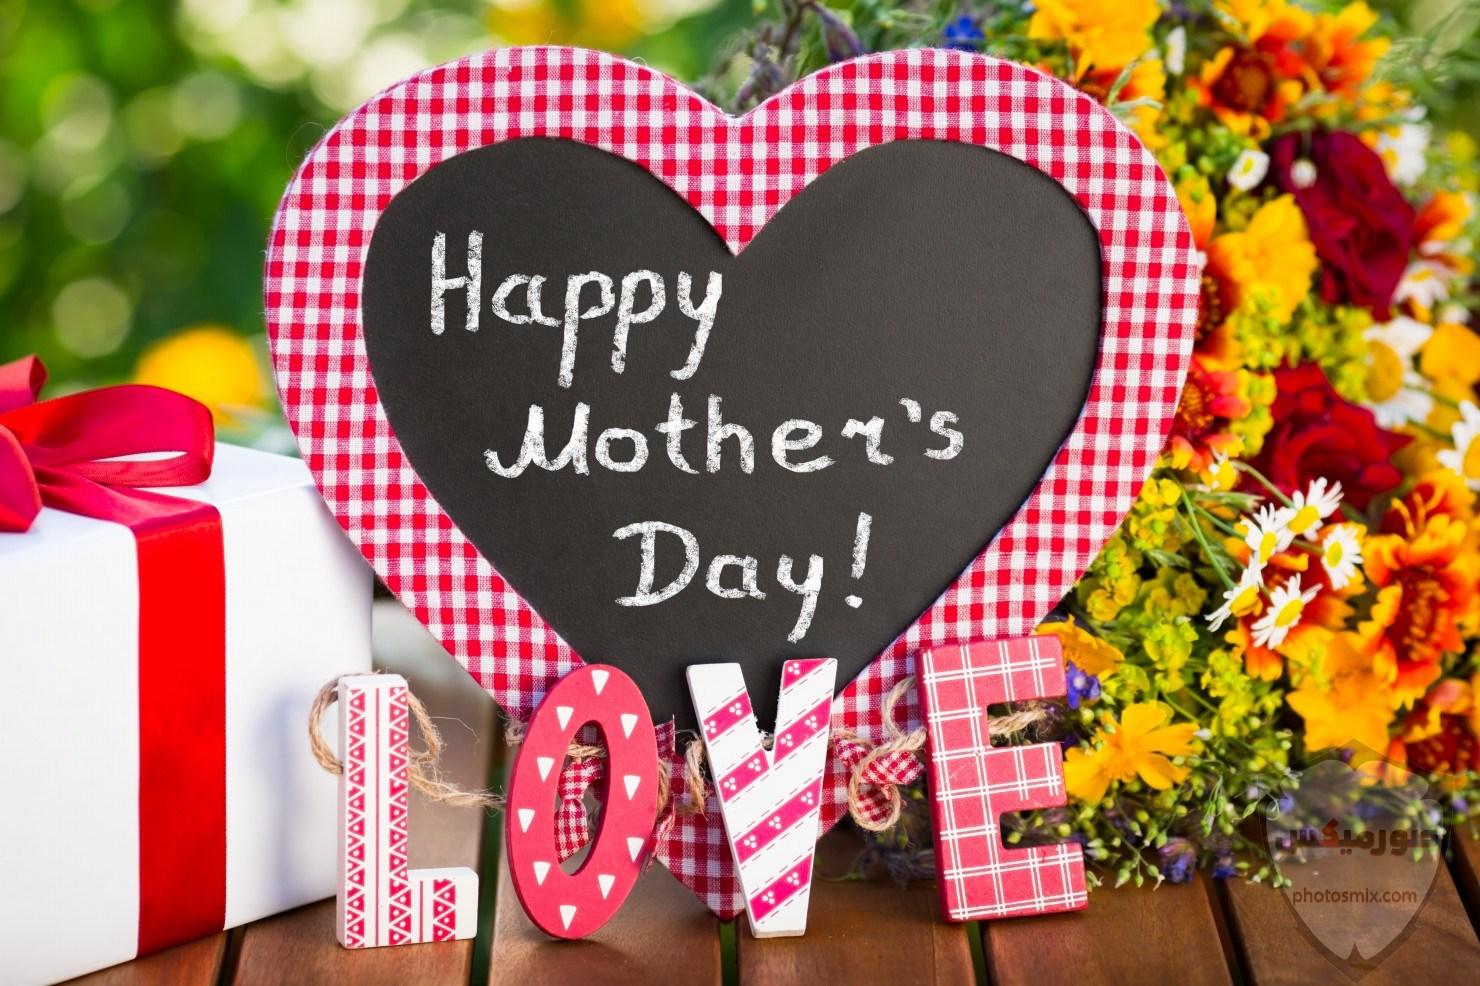 صور عيد الام 2018 رمزيات وخلفيات تهنئة Mothers Day 3